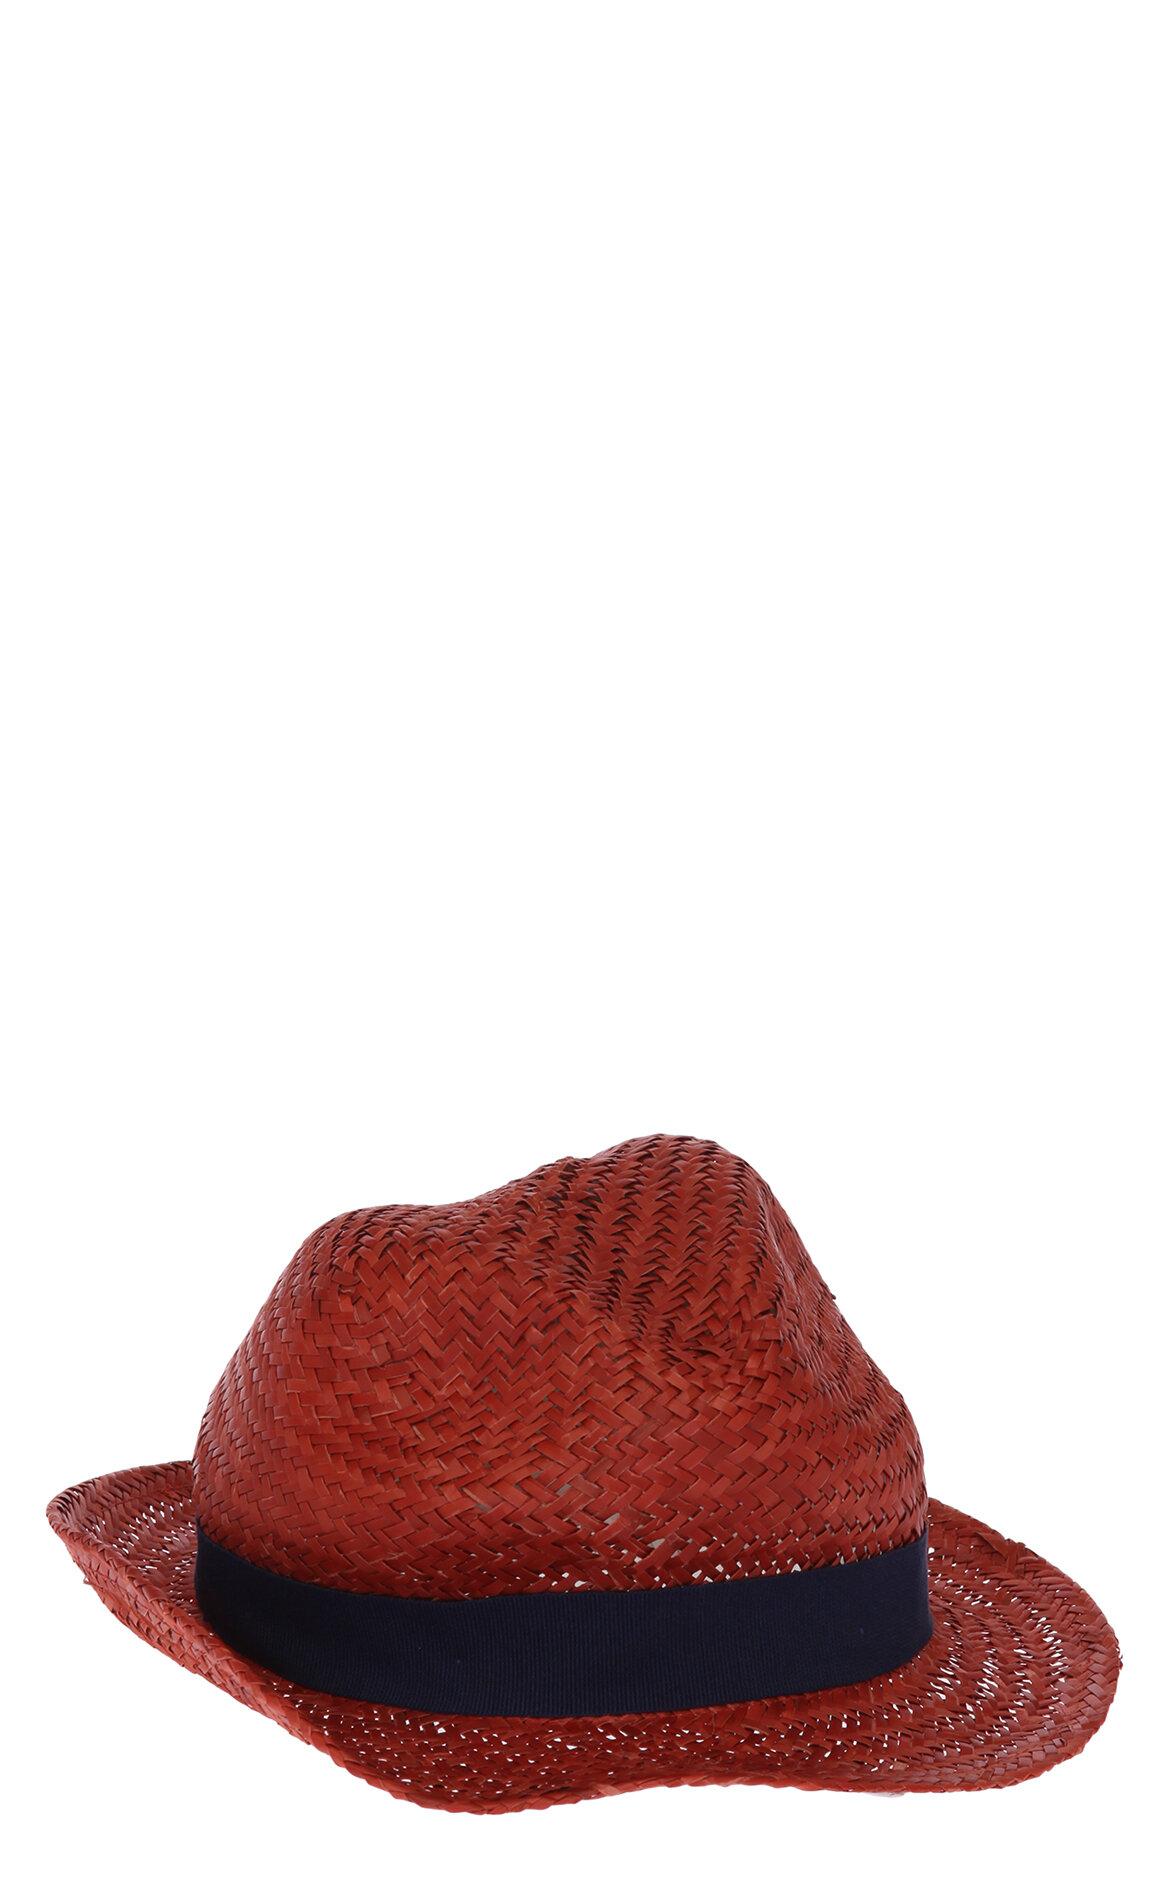 Hackett-Hackett Şapka